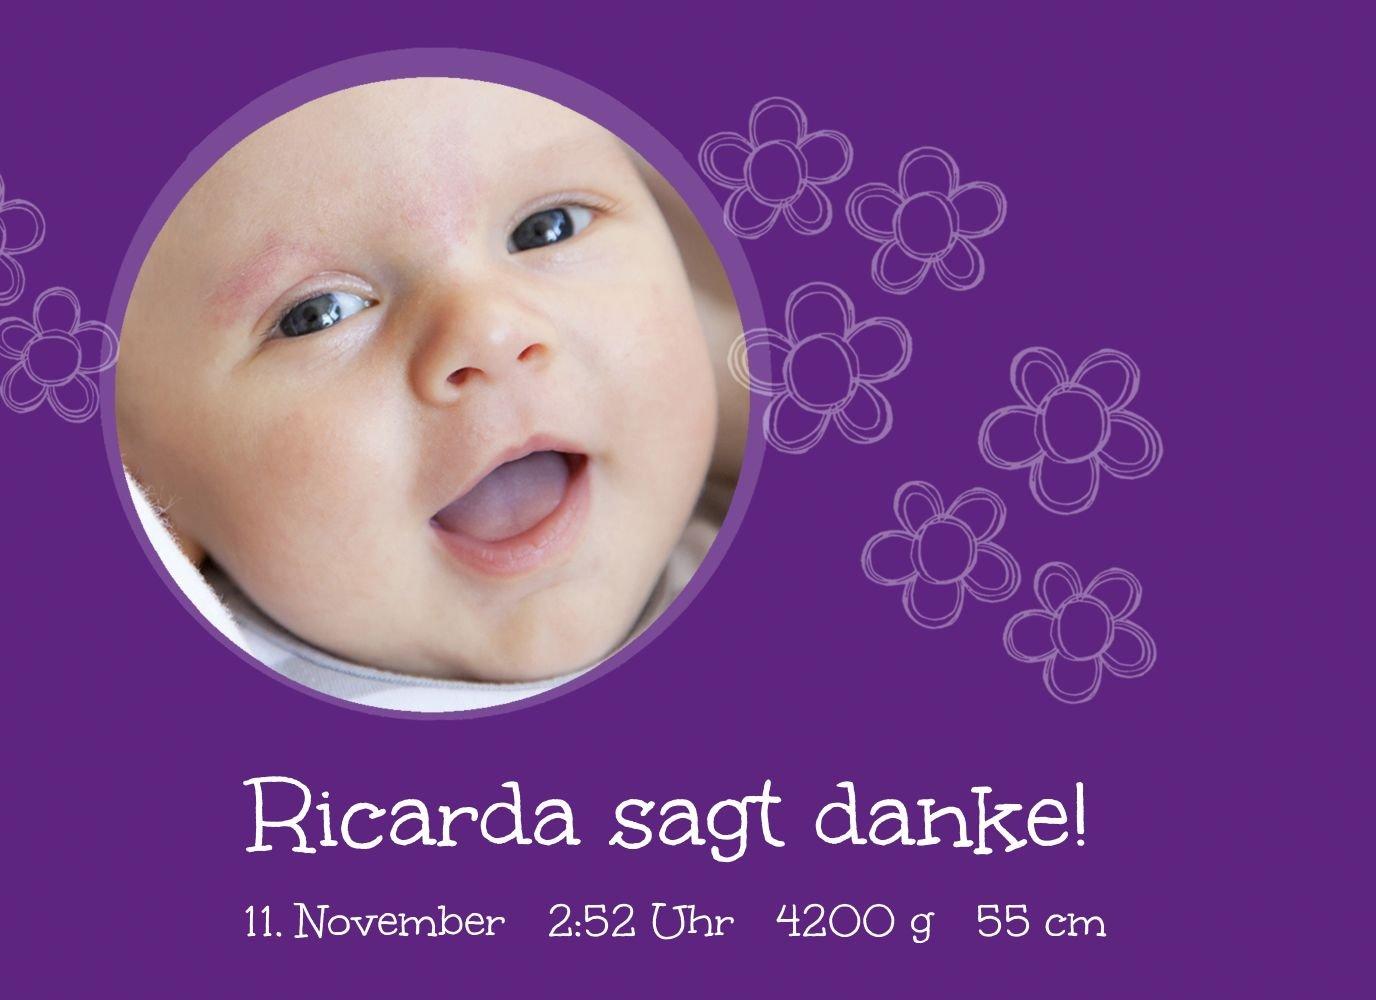 Kartenparadies Danksagung für Geburt Baby Dankeskarte Blüten, hochwertige hochwertige hochwertige Danksagungskarte Baby inklusive Umschläge   100 Karten - (Format  148x105 mm) Farbe  Hellbraun B01N39UFOA   Exquisite (in) Verarbeitung    Erschwinglich    Qualität 9f92d9